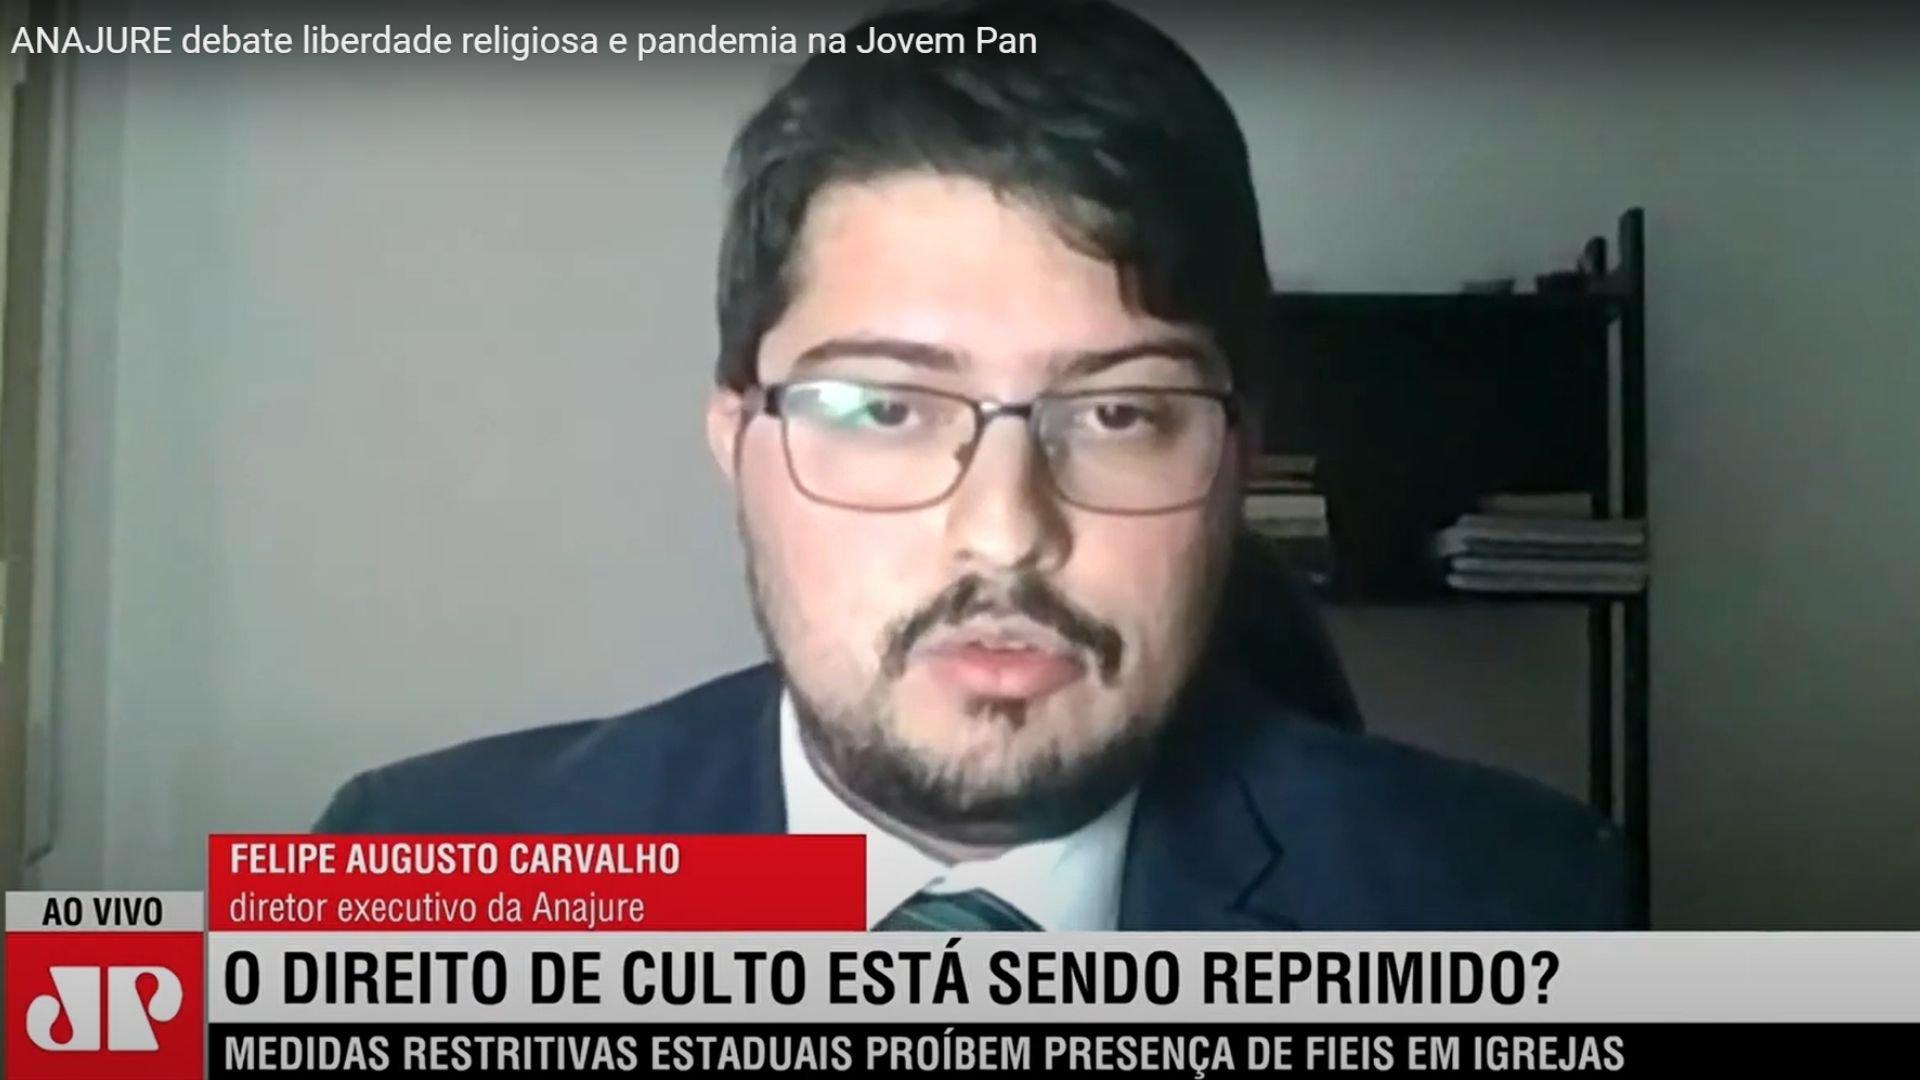 """Jurista evangélico defende igrejas abertas: """"A fé é necessária no combate à pandemia"""""""